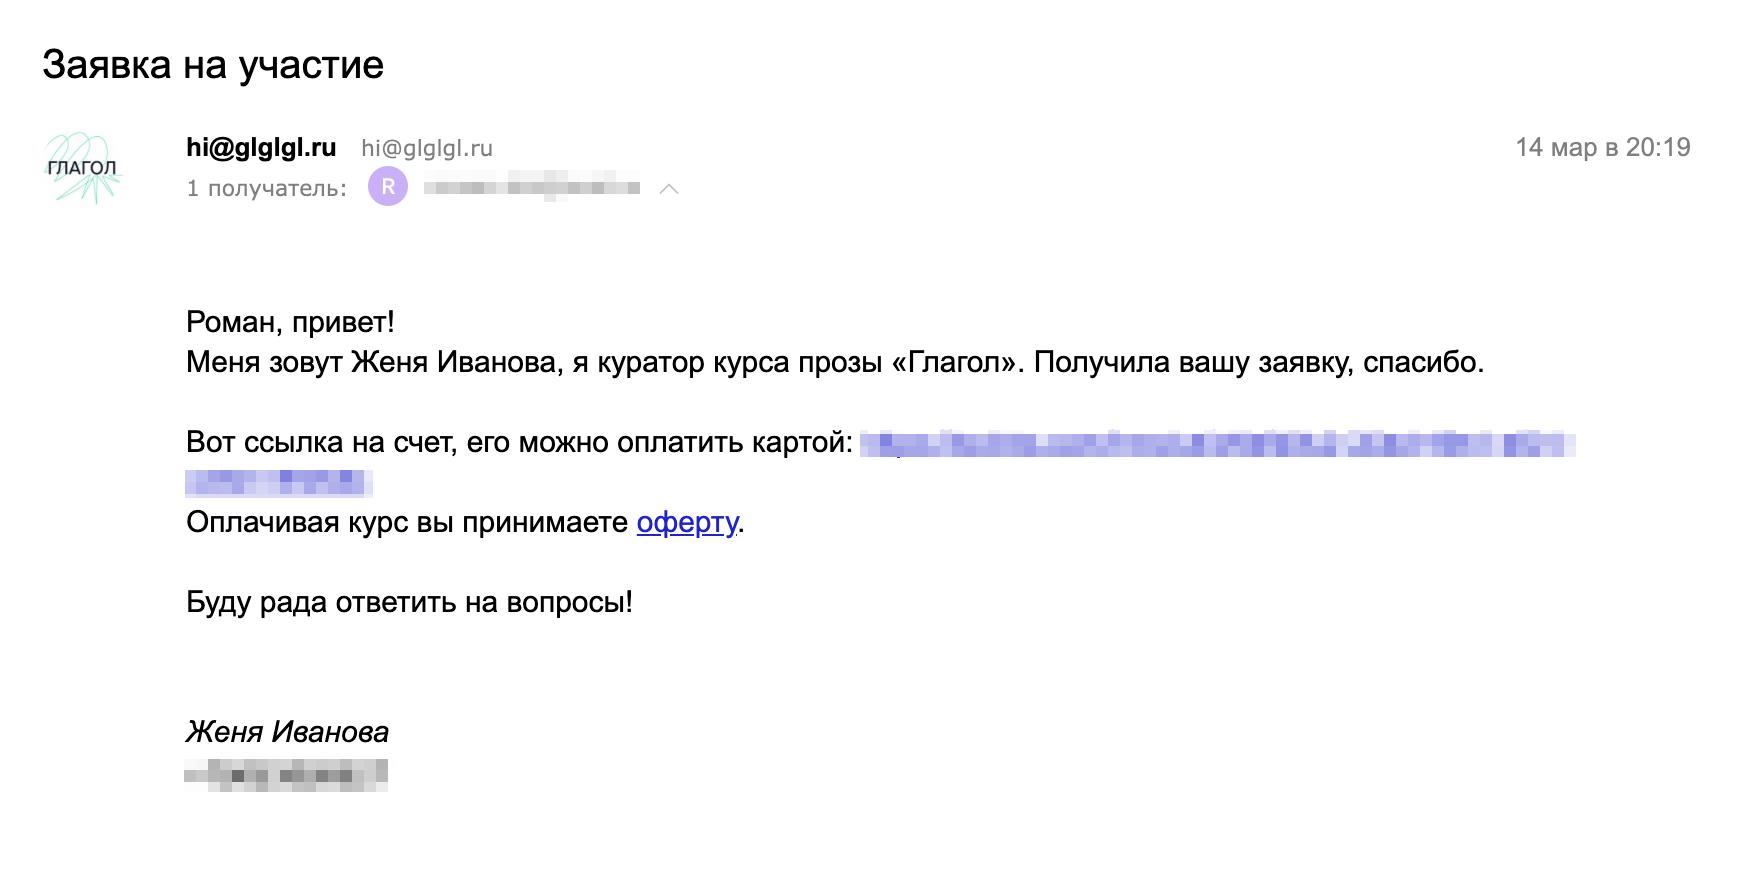 Текст письма со ссылкой на оплату я сохранила в шаблонах внутри почты и в заметках на телефоне. Нужно только подставить имя участника и ссылку на счет